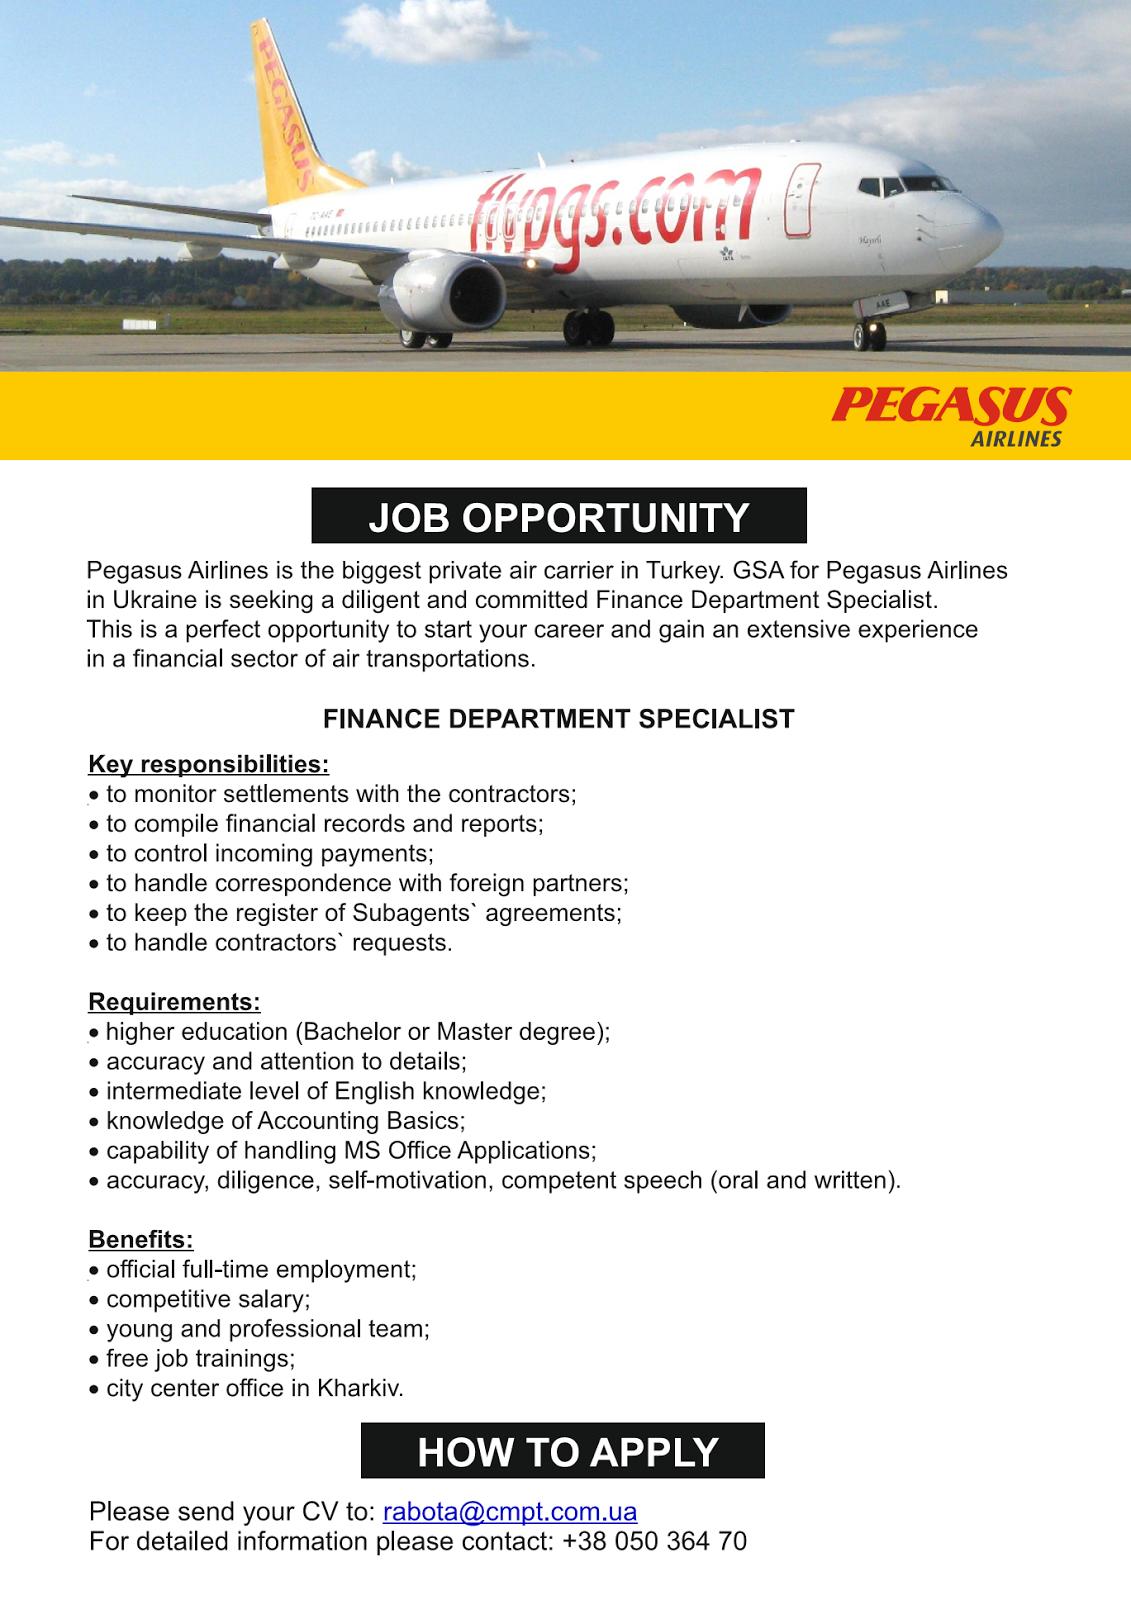 Pegasus Airlines приглашает специалиста на работу в финансовый отдел